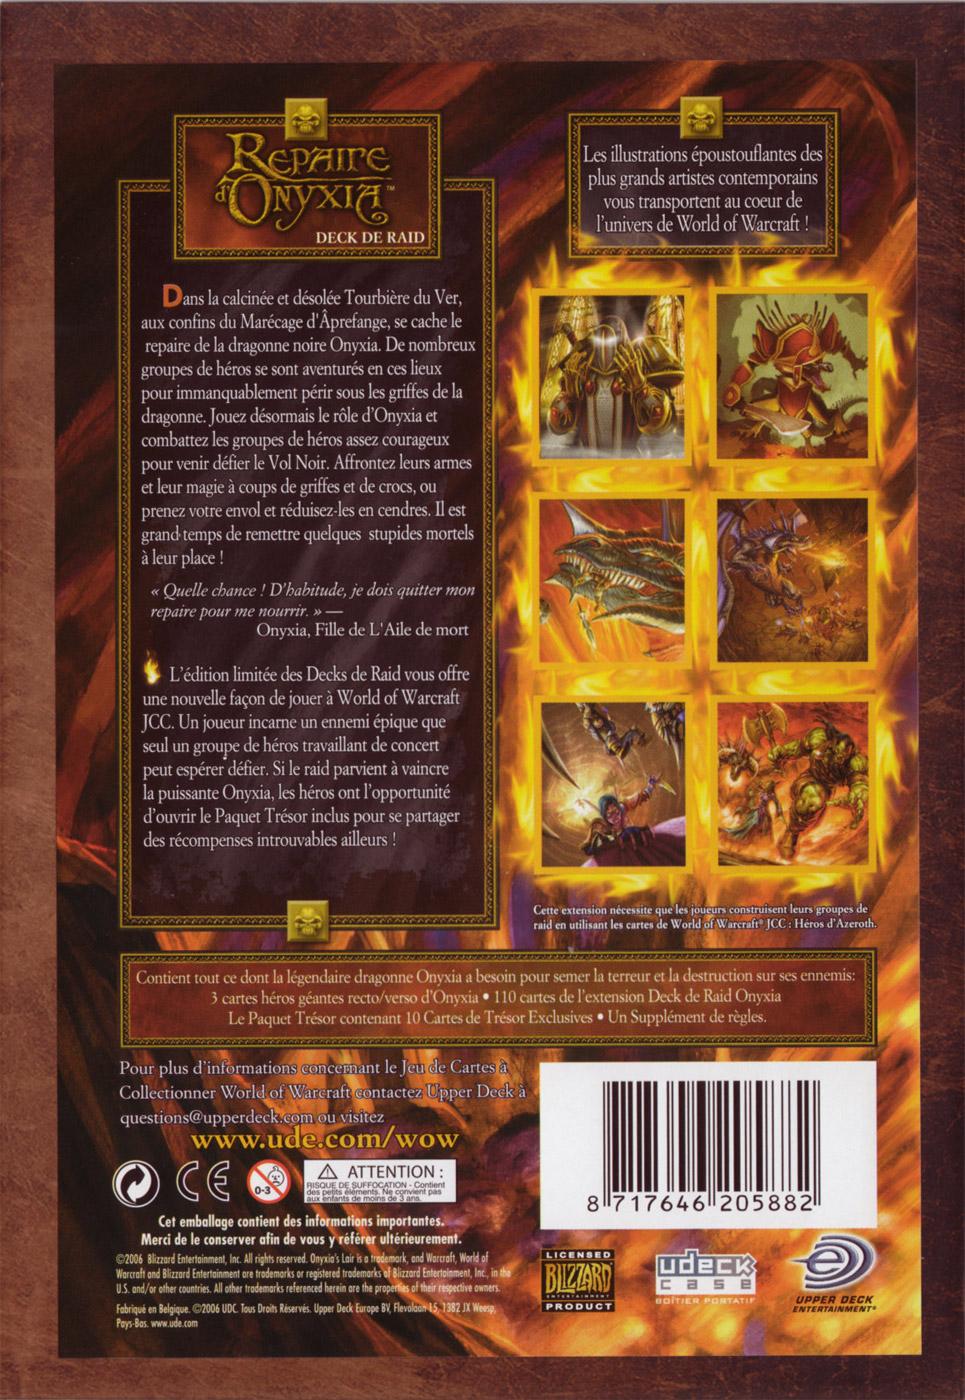 Deck de raid Onyxia, du jeu de cartes à collectionner World of Warcraft.